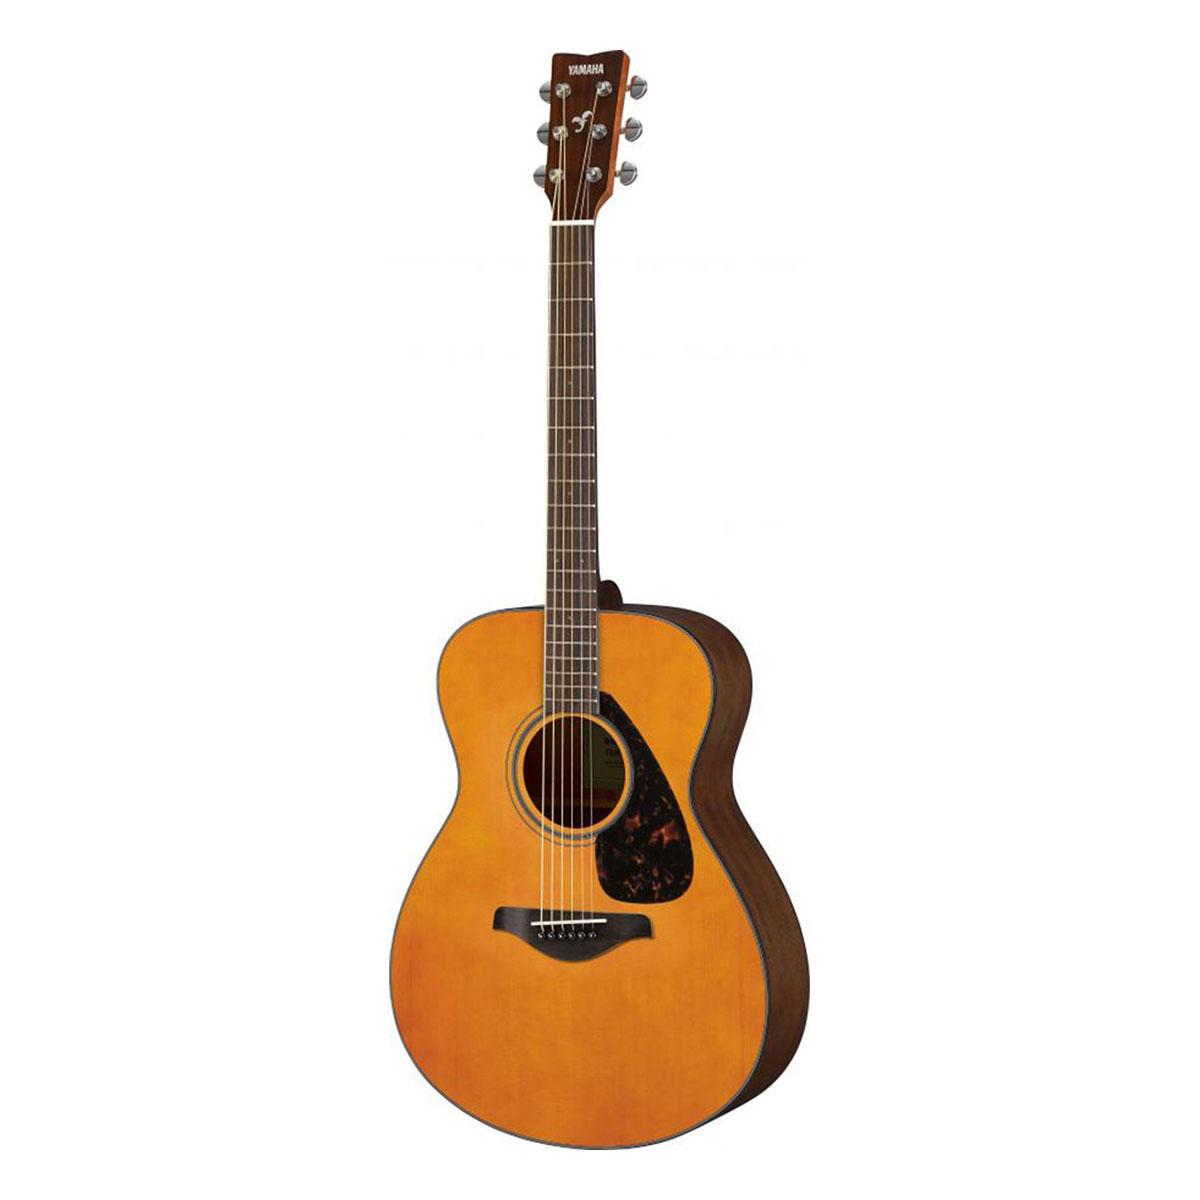 Yamaha - GFS800T tinted - guitare folk T